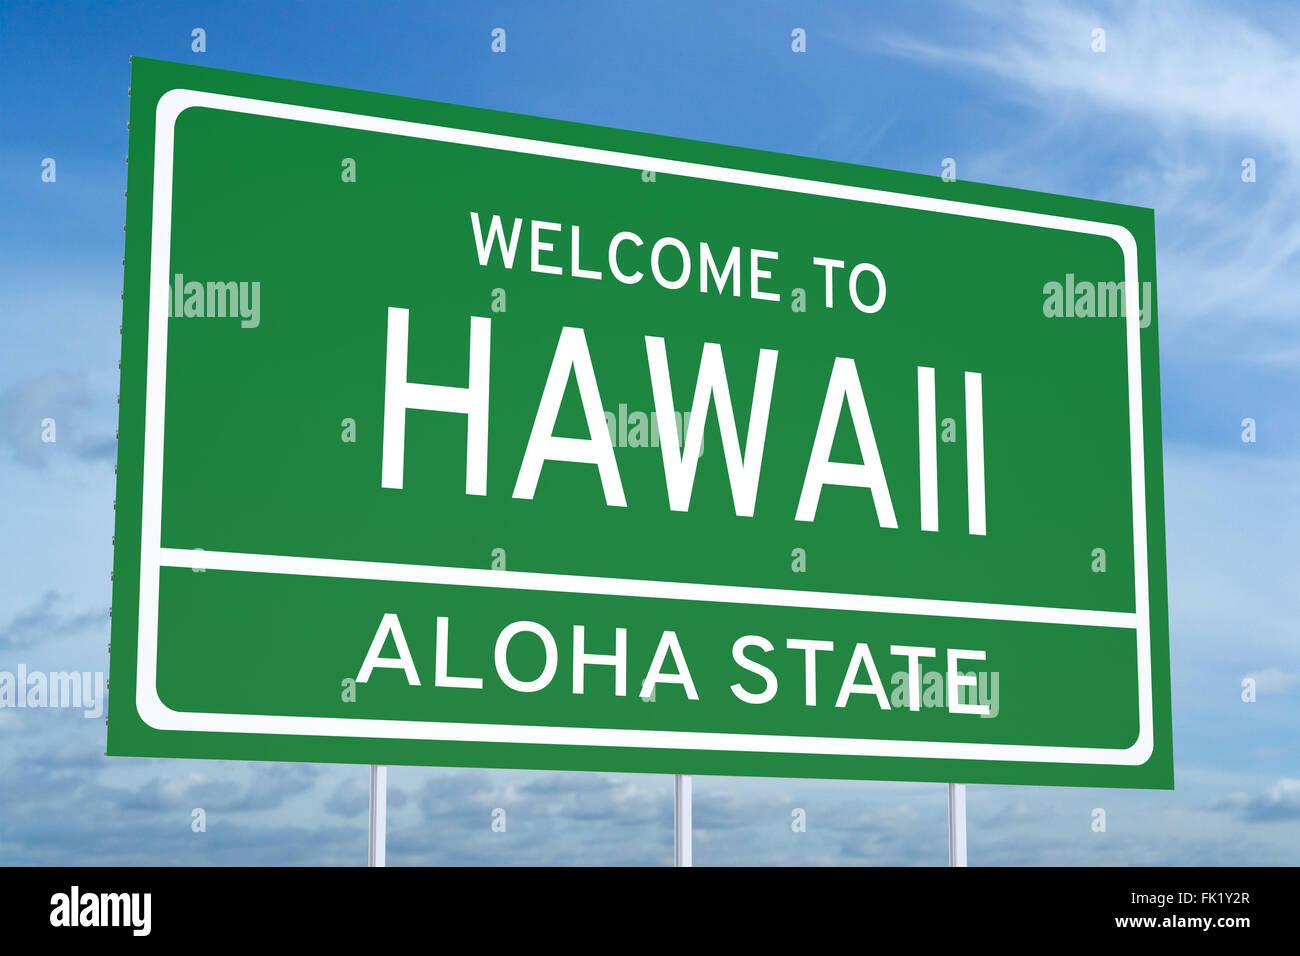 Welcome To Hawaii Imágenes De Stock & Welcome To Hawaii Fotos De ...